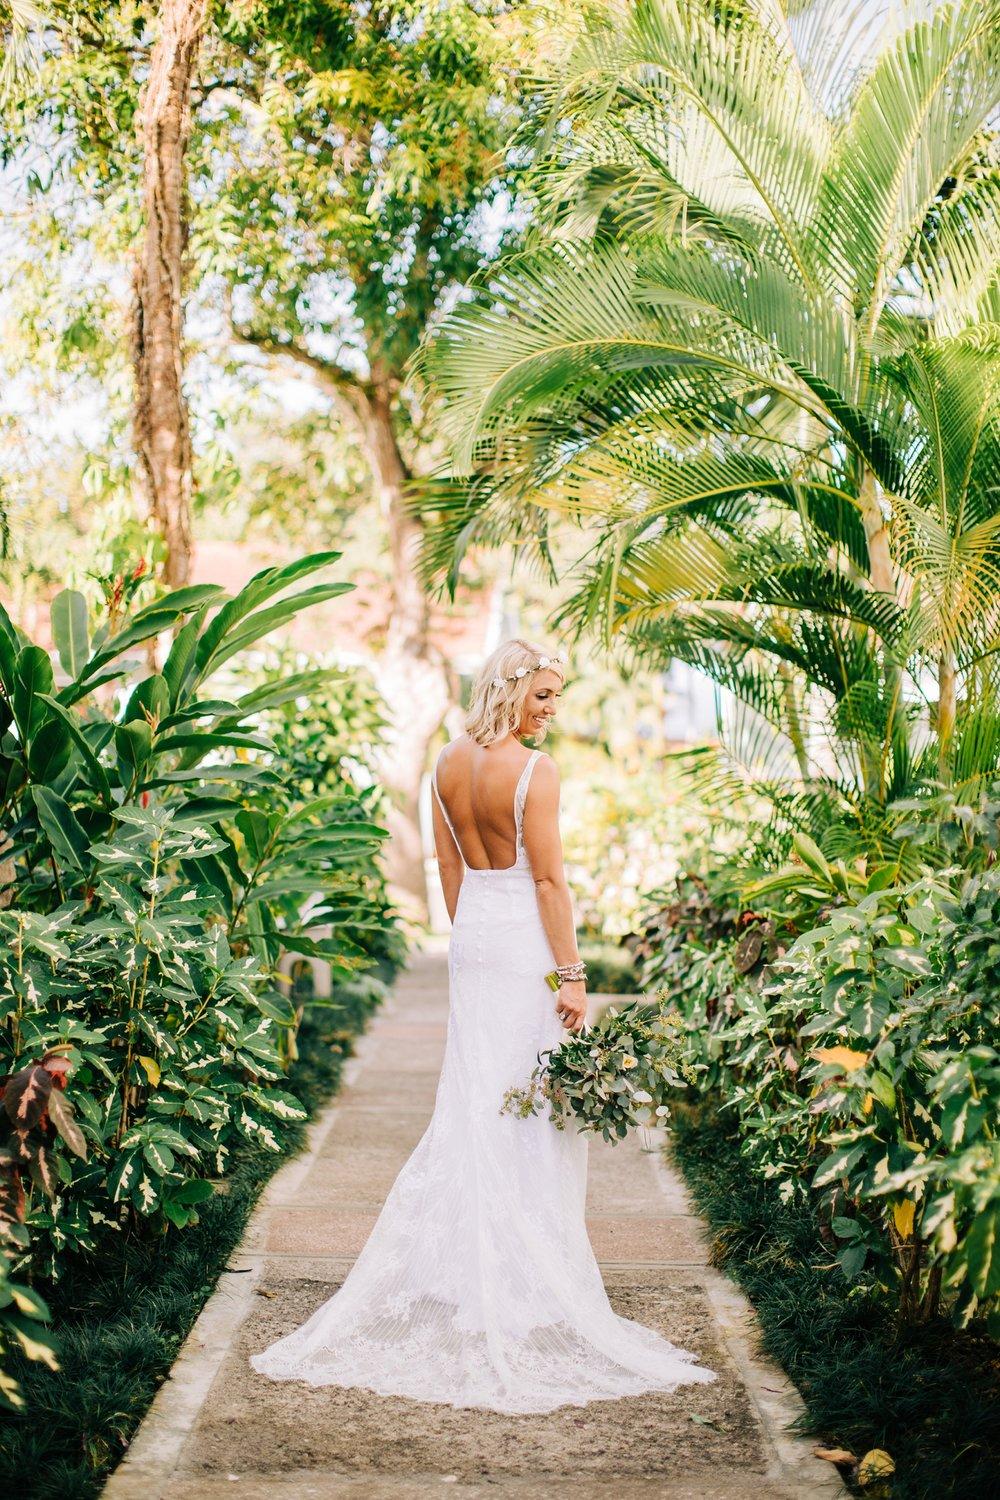 jamaican-wedding-sandals-wedding-destination-beach-intimate_0054.jpg